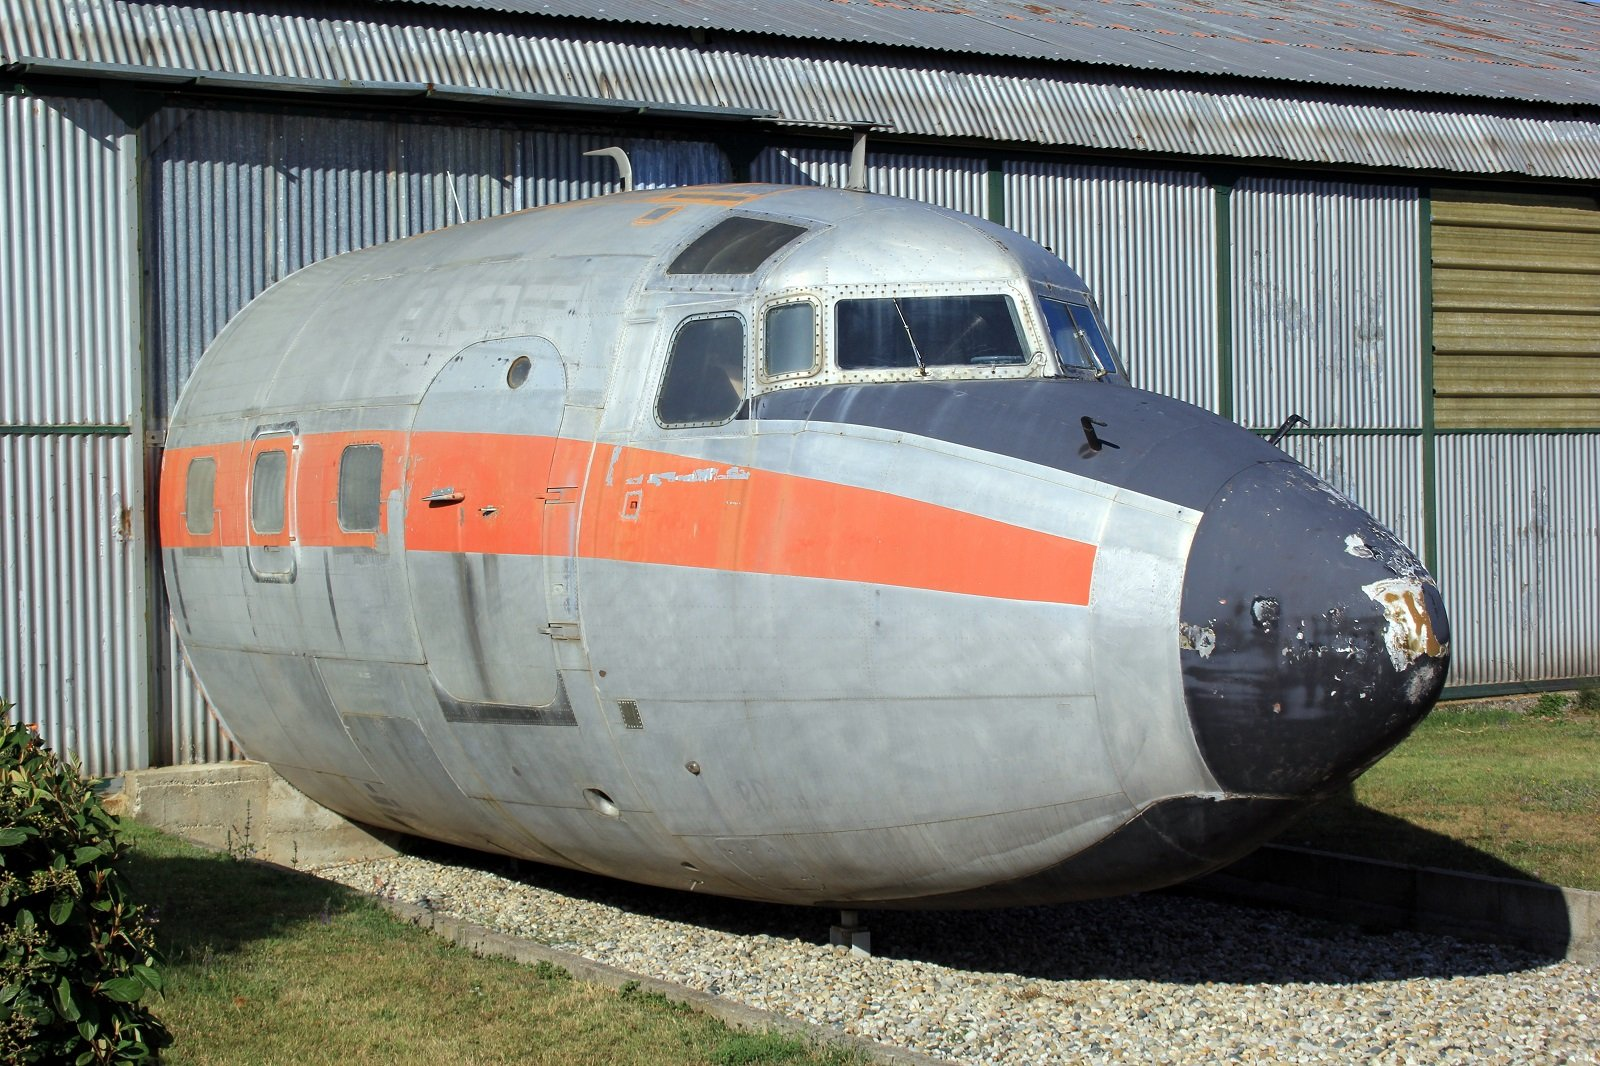 musée de l'aviation de chasse de Montelimar  - Page 2 190901075354234703